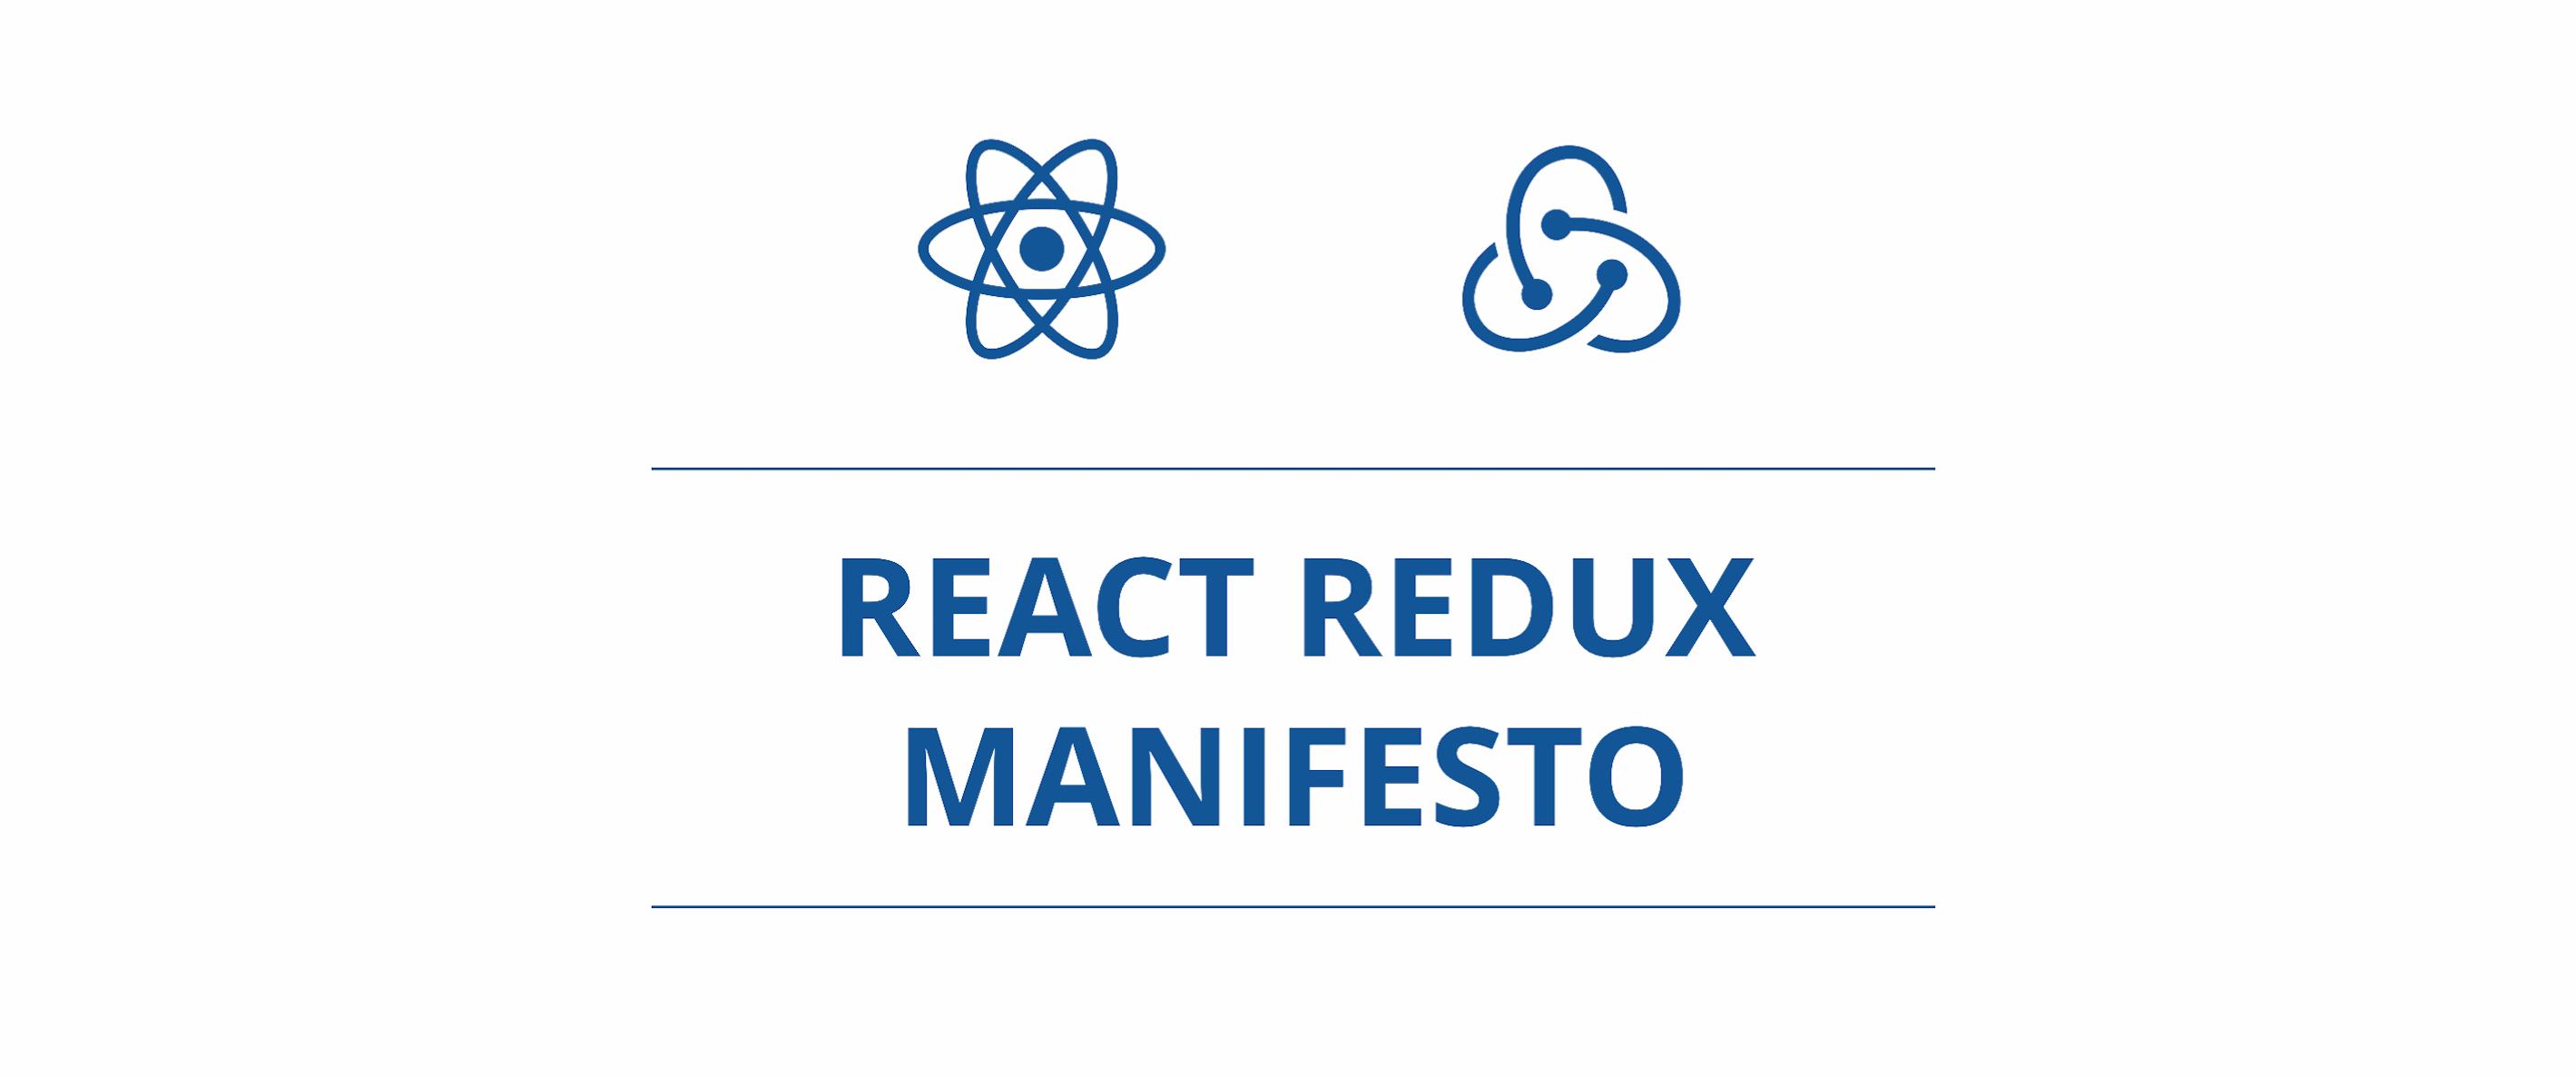 React Redux Manifesto